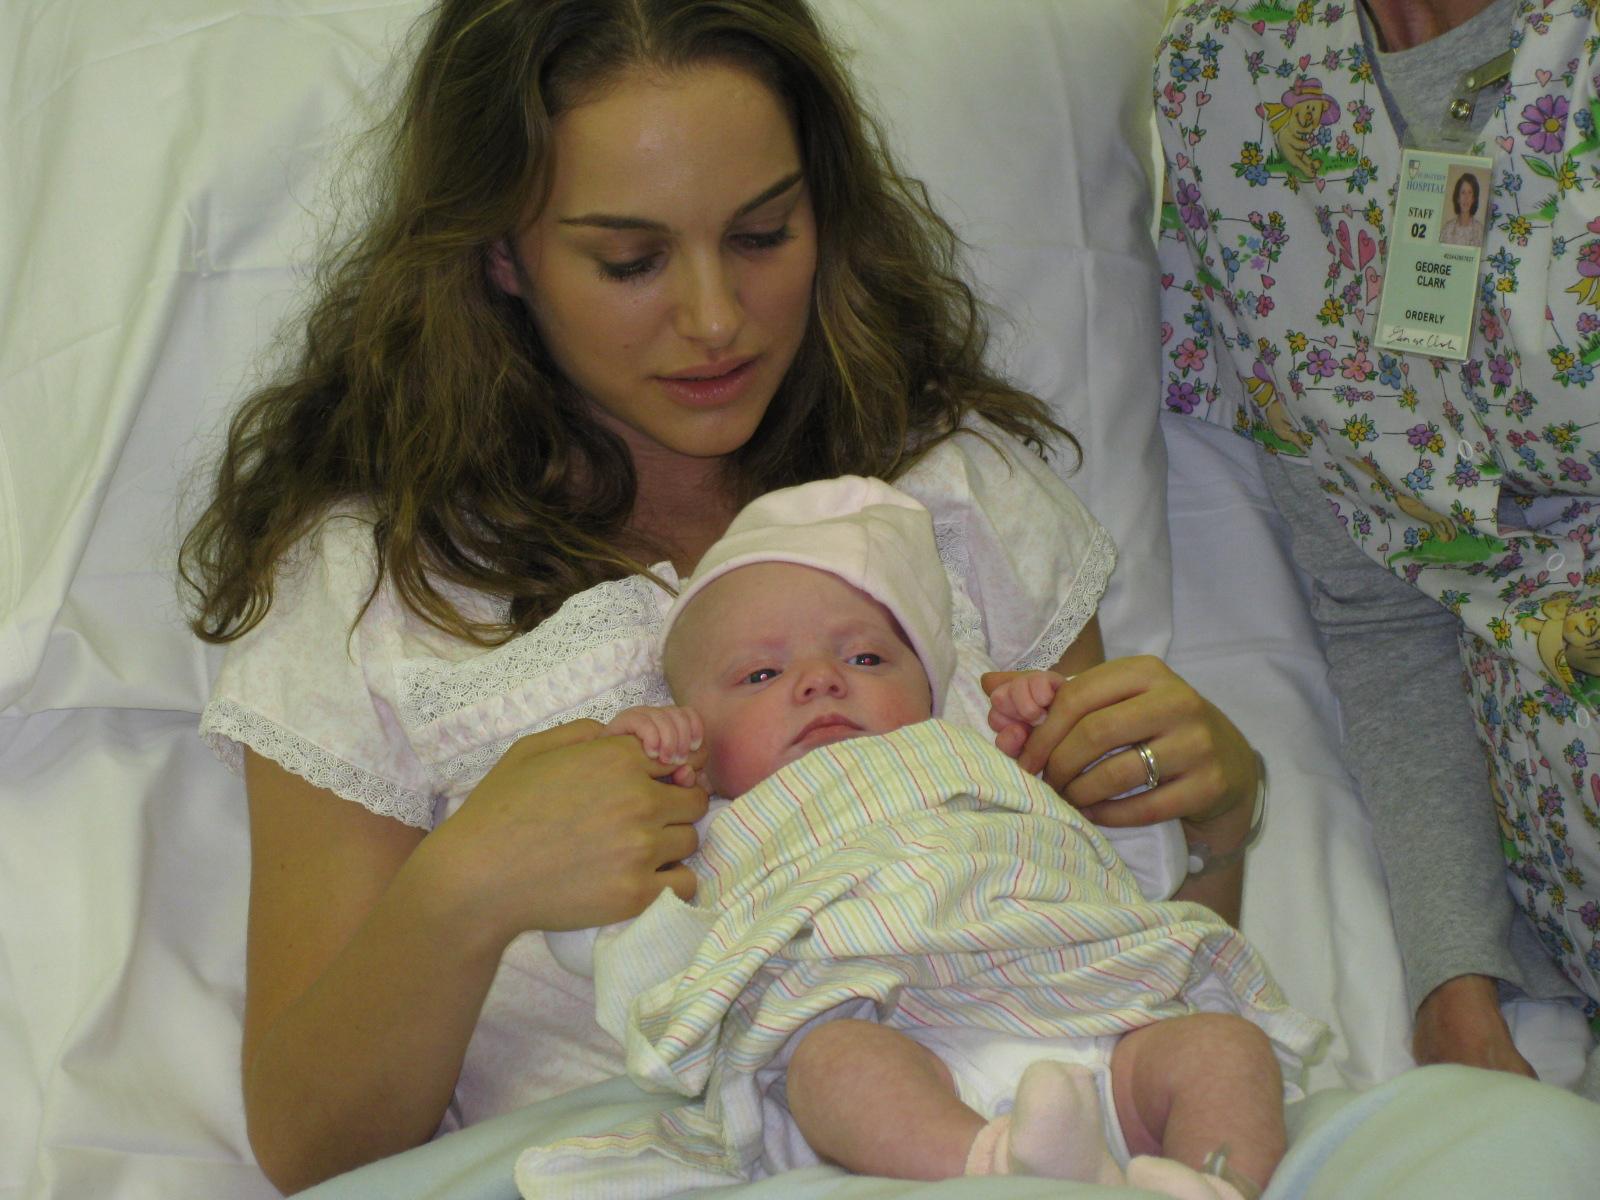 http://3.bp.blogspot.com/-NDRvKUyuDc4/Tfq4dseATkI/AAAAAAAAAyE/NInTzsIMK3k/s1600/natalie+portman+baby_only_pic.jpg